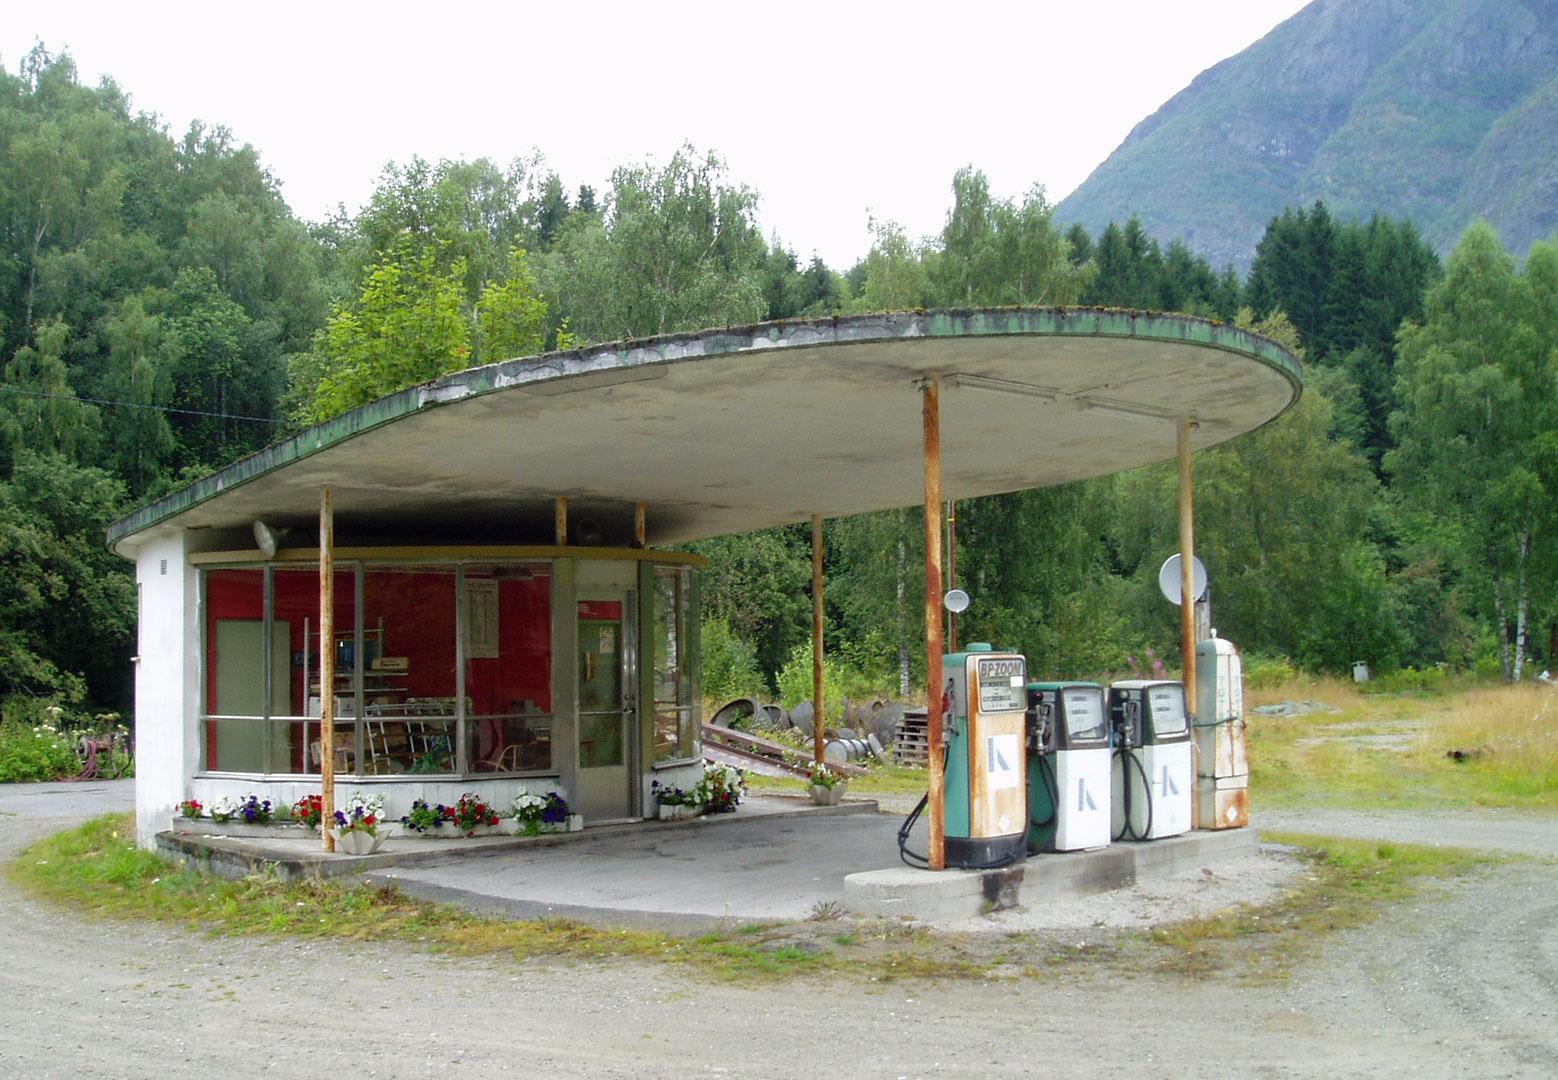 Skjolden bensinstasjon fra 1956 ble tegnet av arkitekt Fr. Theodor Olsen som en standardstasjon for BP. Da veien ble lagt om gjennom Skjolden sentrum, ble kundegrunnlaget svekket og stasjonen ble lagt ned. En liknende skjebne har også mange andre bensinstasjoner opplevd. For andre igjen kunne nye veier og trafikkmønstre bety nye muligheter for nye stasjoner.